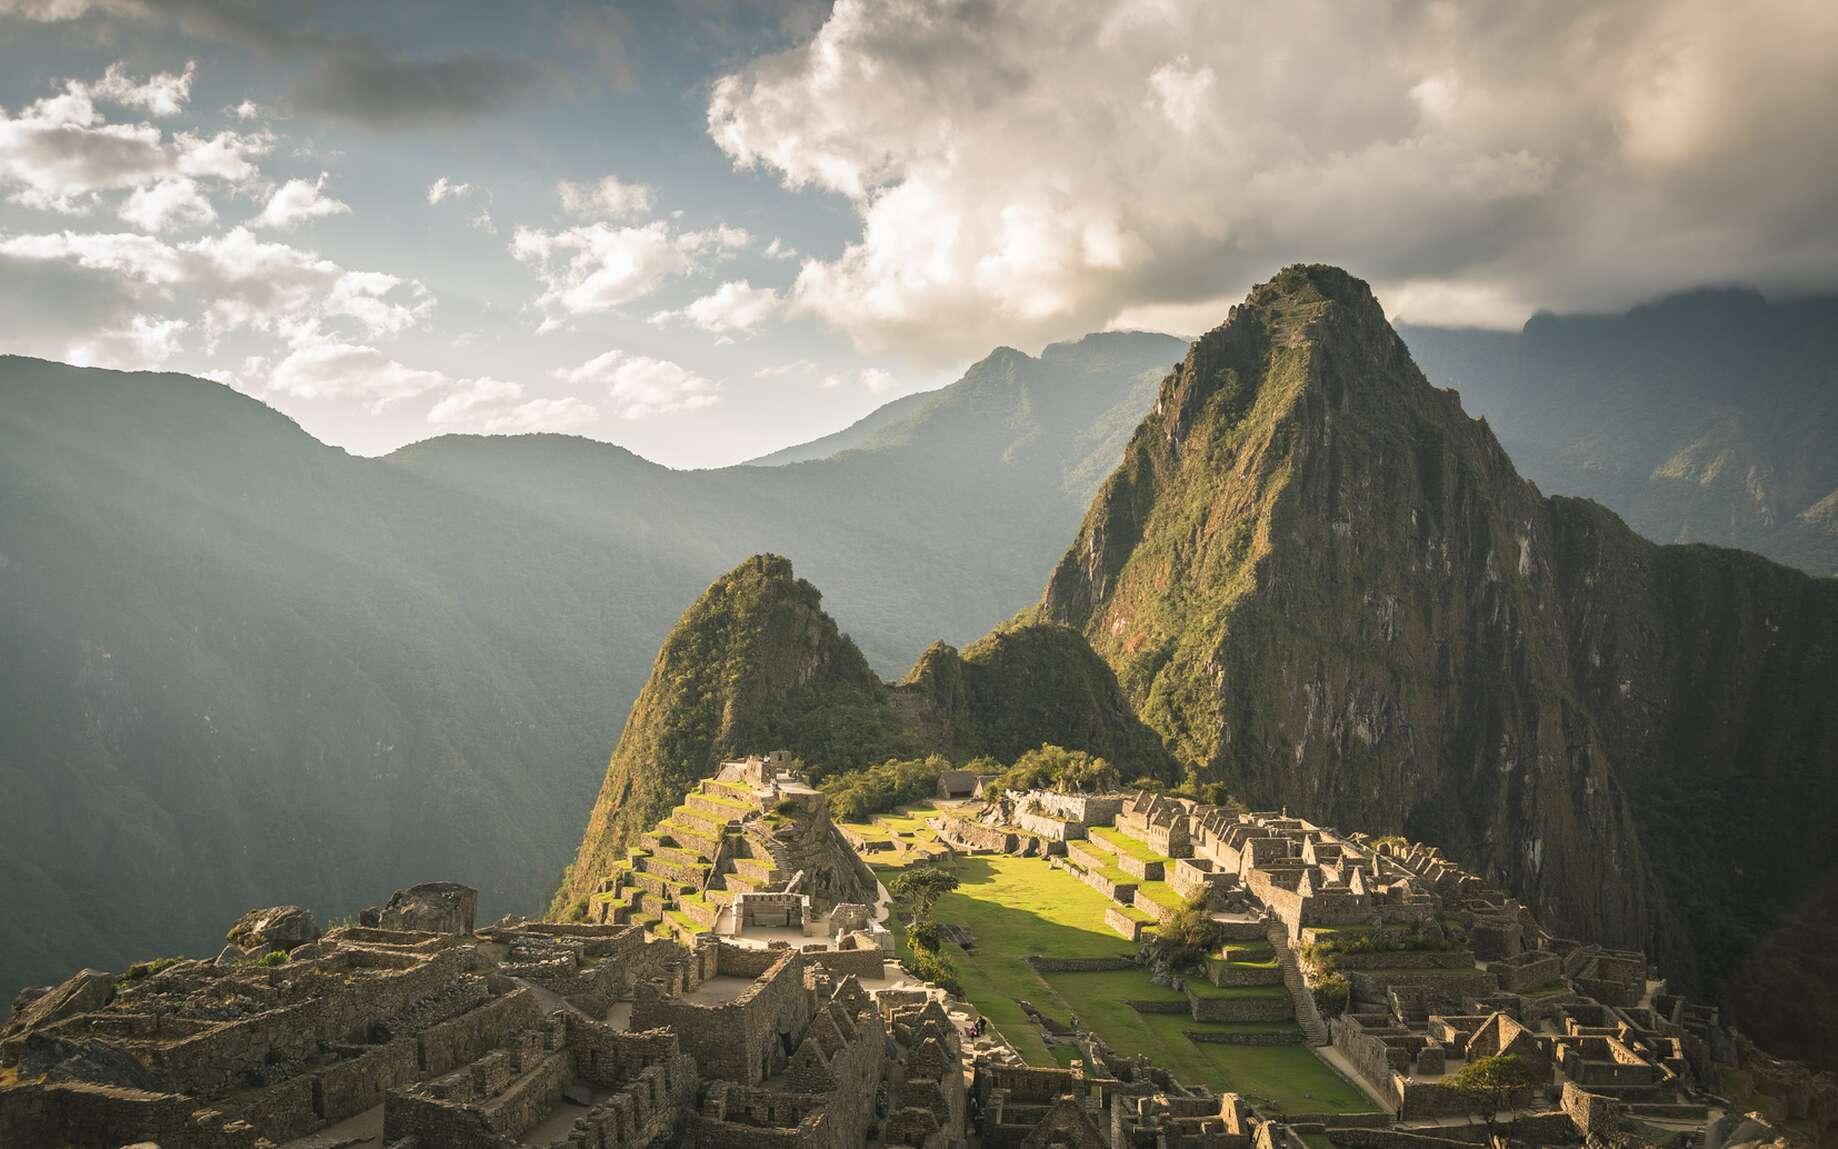 L'un des plus beaux circuits de randonnée du monde : le chemin de l'Inca. Le magnifique site de Machu Picchu est une des étapes de périple de 45 km, à parcourir en 4 jours. © fabio lamanna, fotolia